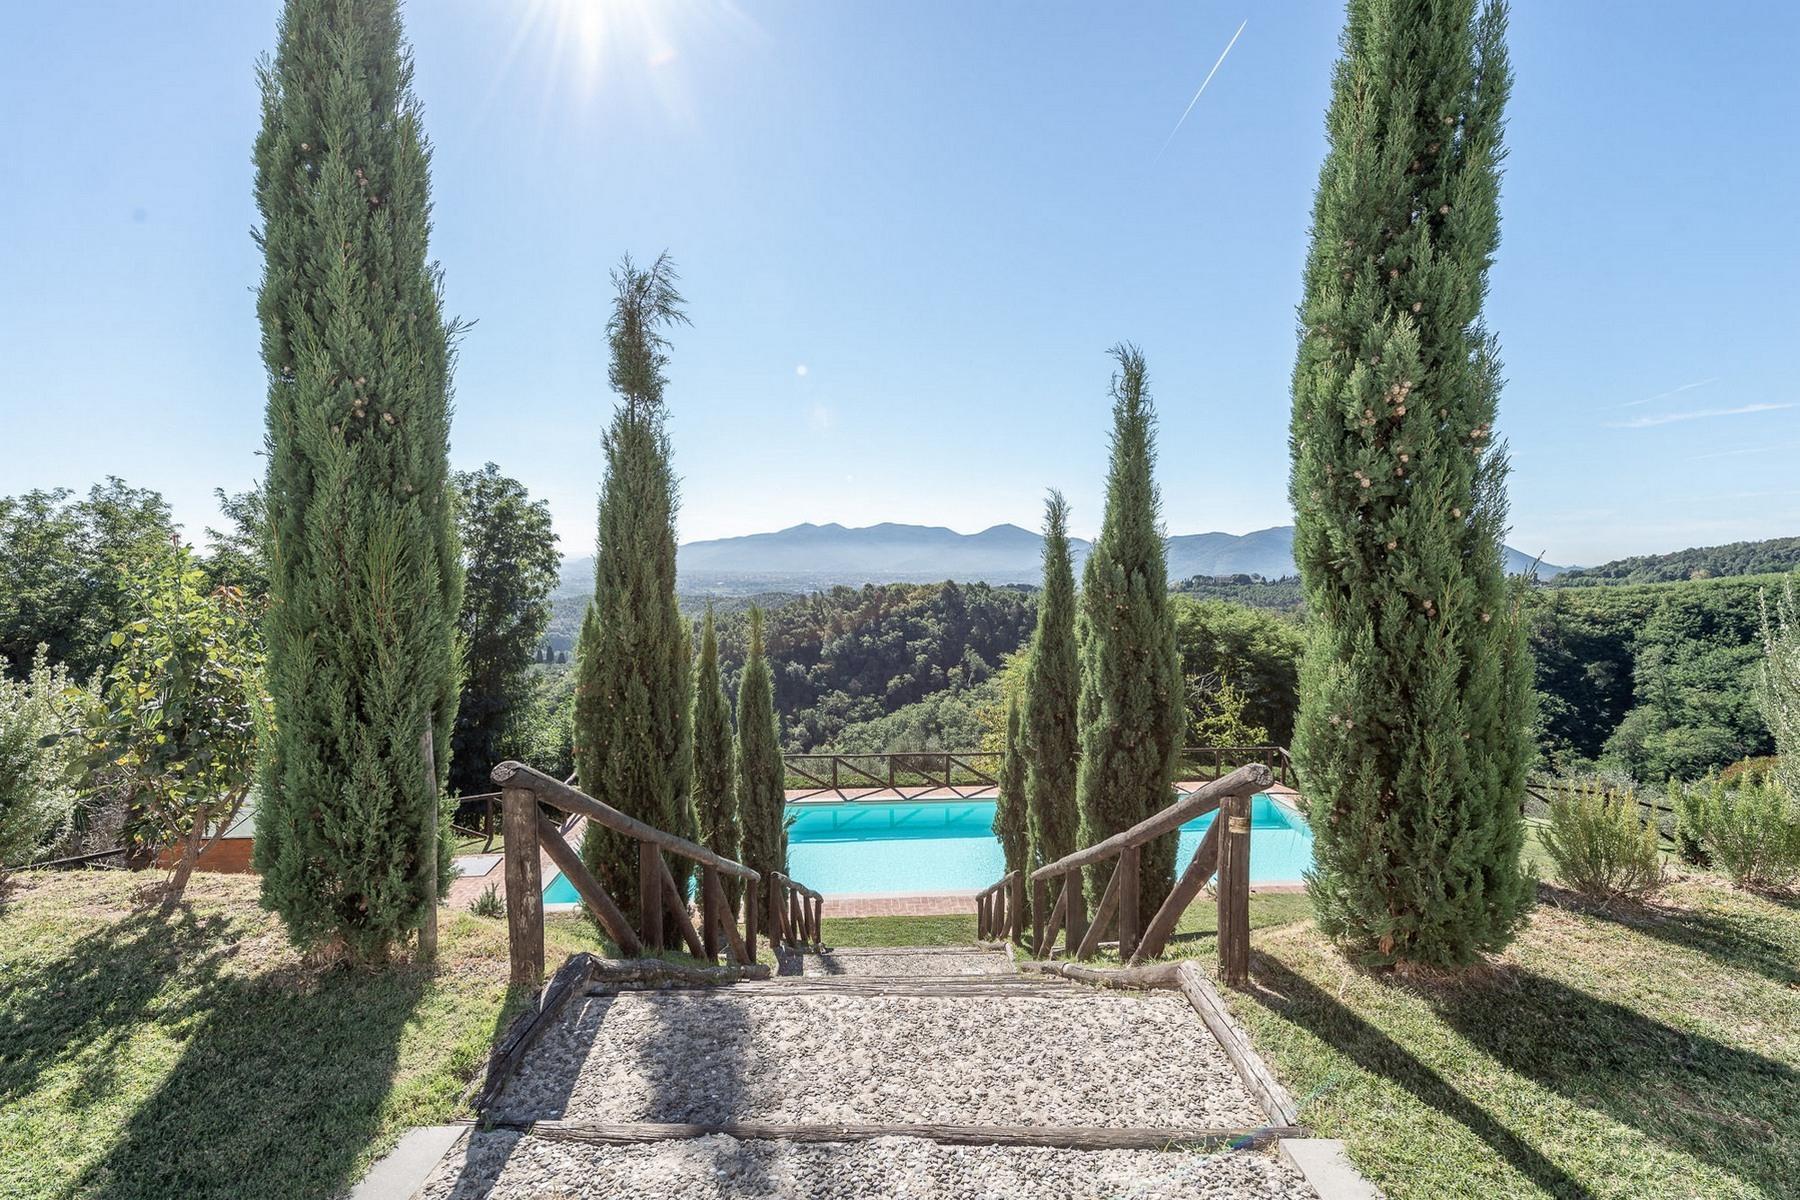 Elégante villa avec piscine dans les collines de Lucca. - 16